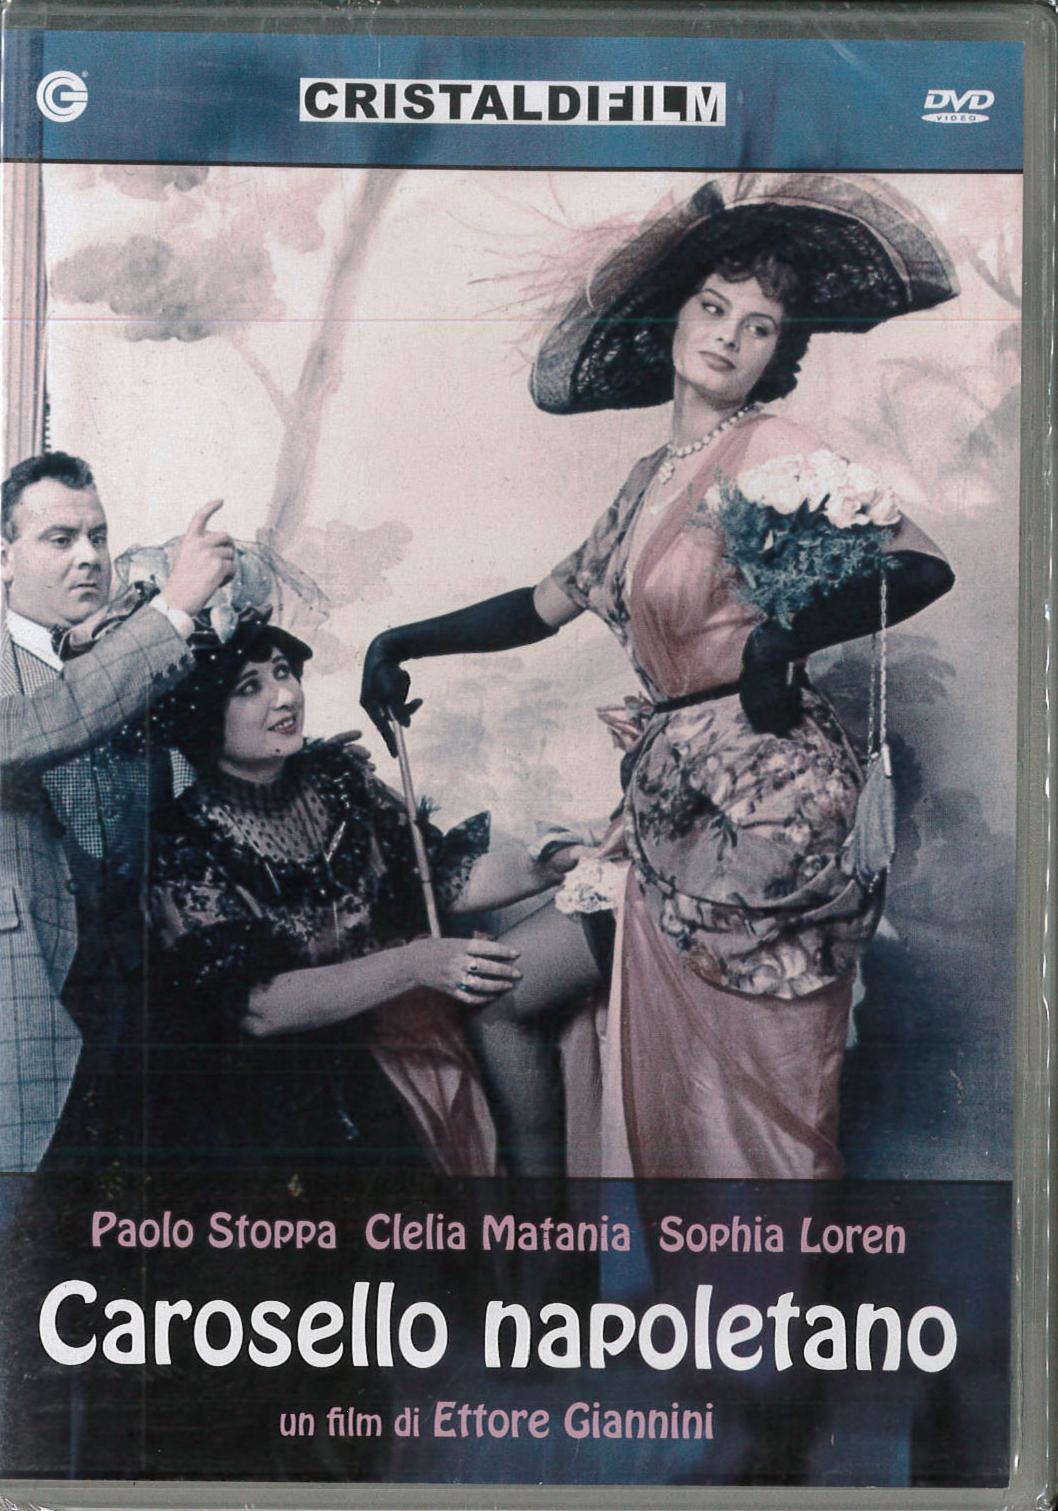 CAROSELLO NAPOLETANO (DVD)